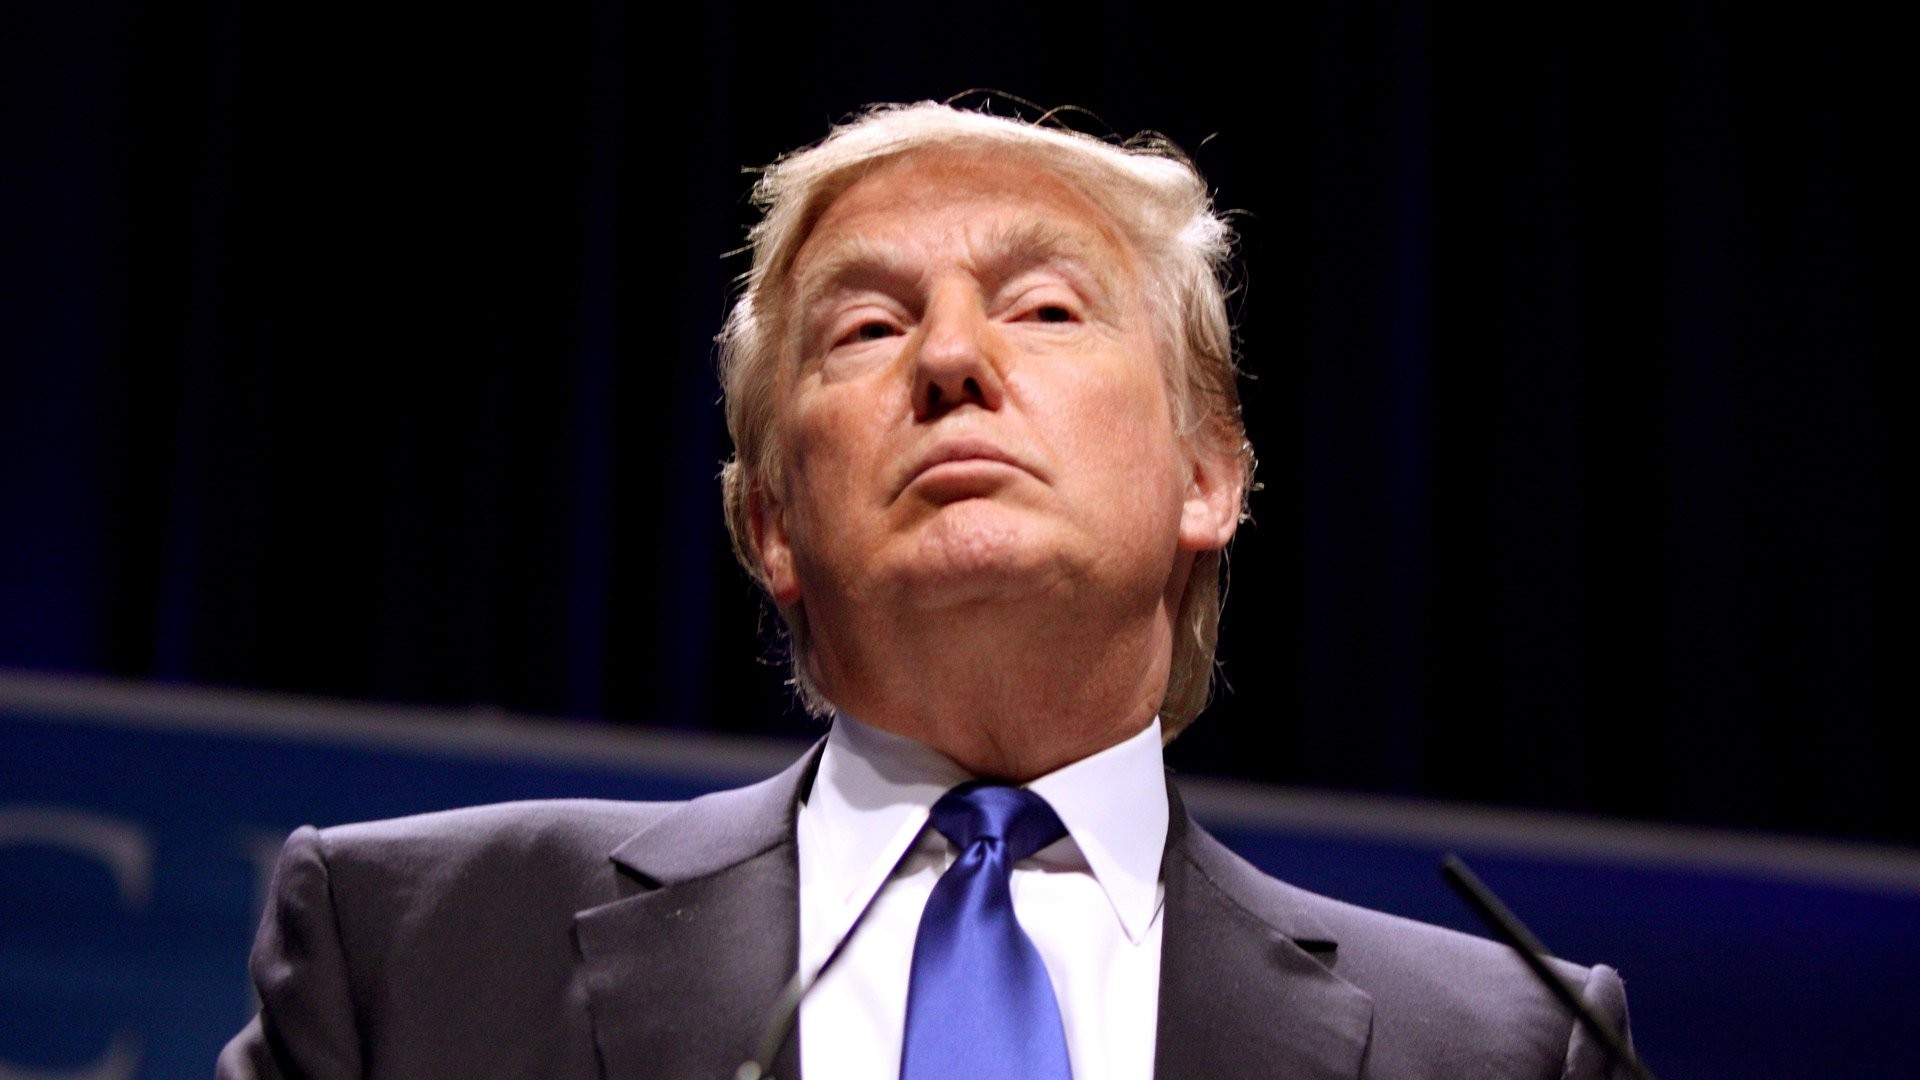 Трамп похвалил протестующих против него демонстрантов запреданность собственной стране